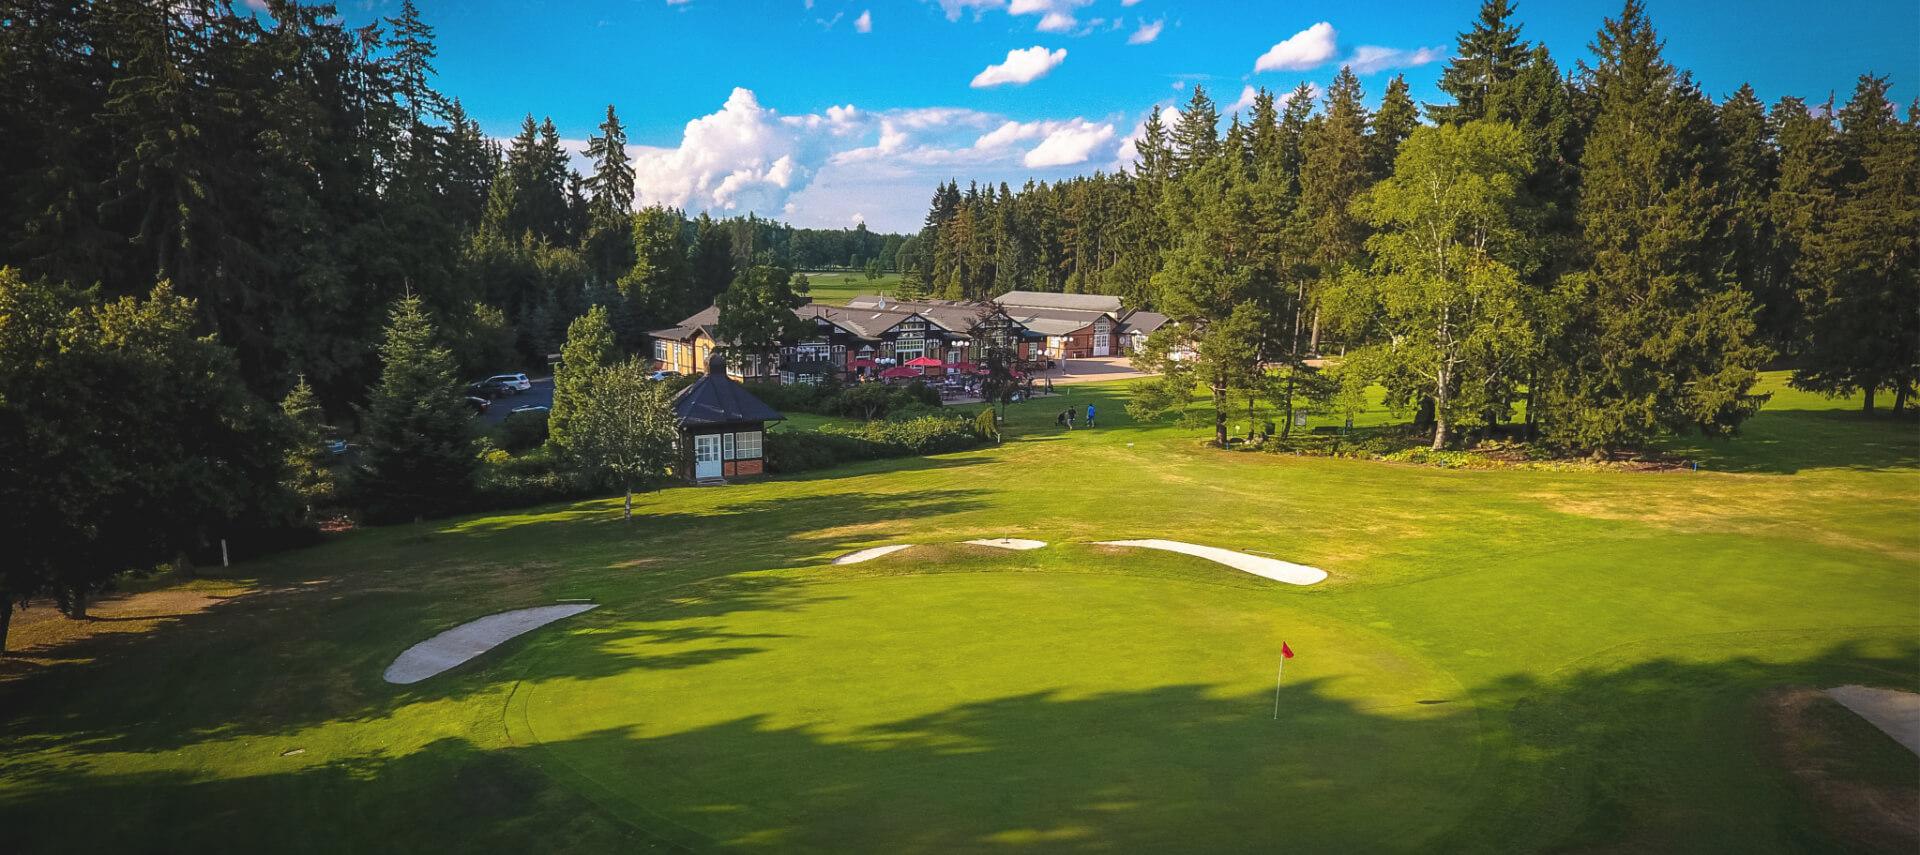 Restaurant mit Golfplatz Marianske Lazne Tschechien